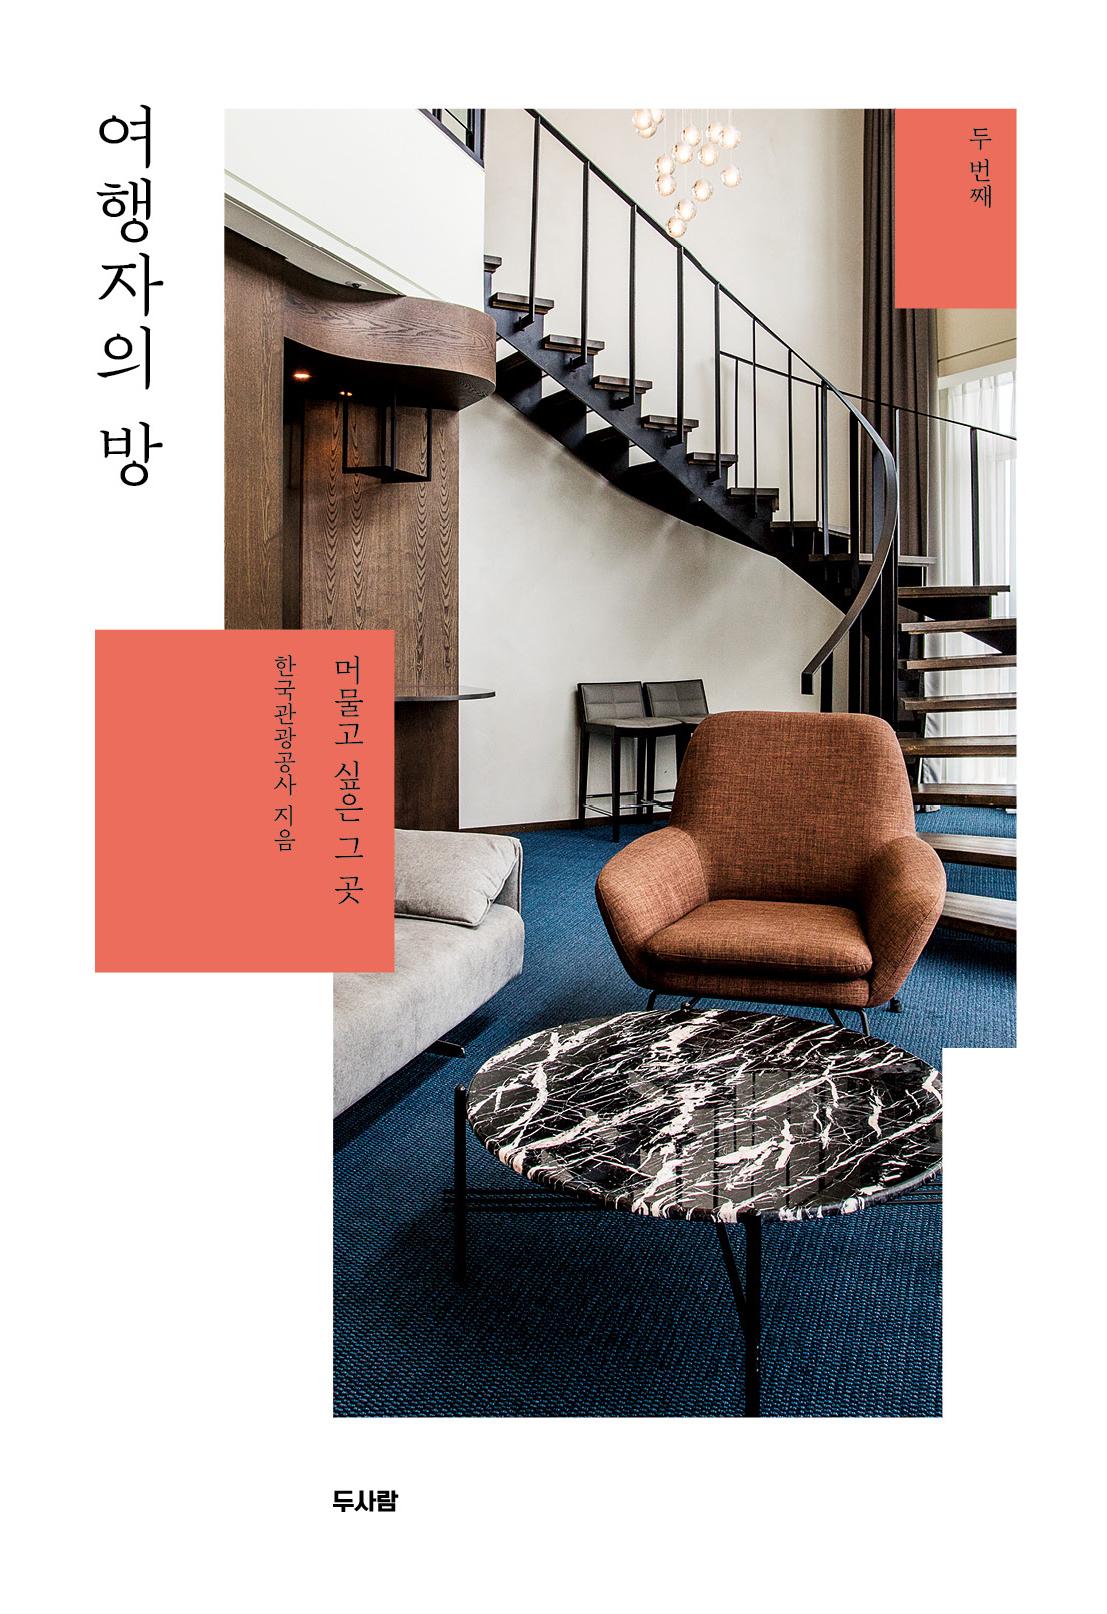 한국관광공사, 한국관광 품질인증 숙소 70곳을 수록한 『여행자의 방2』 출간